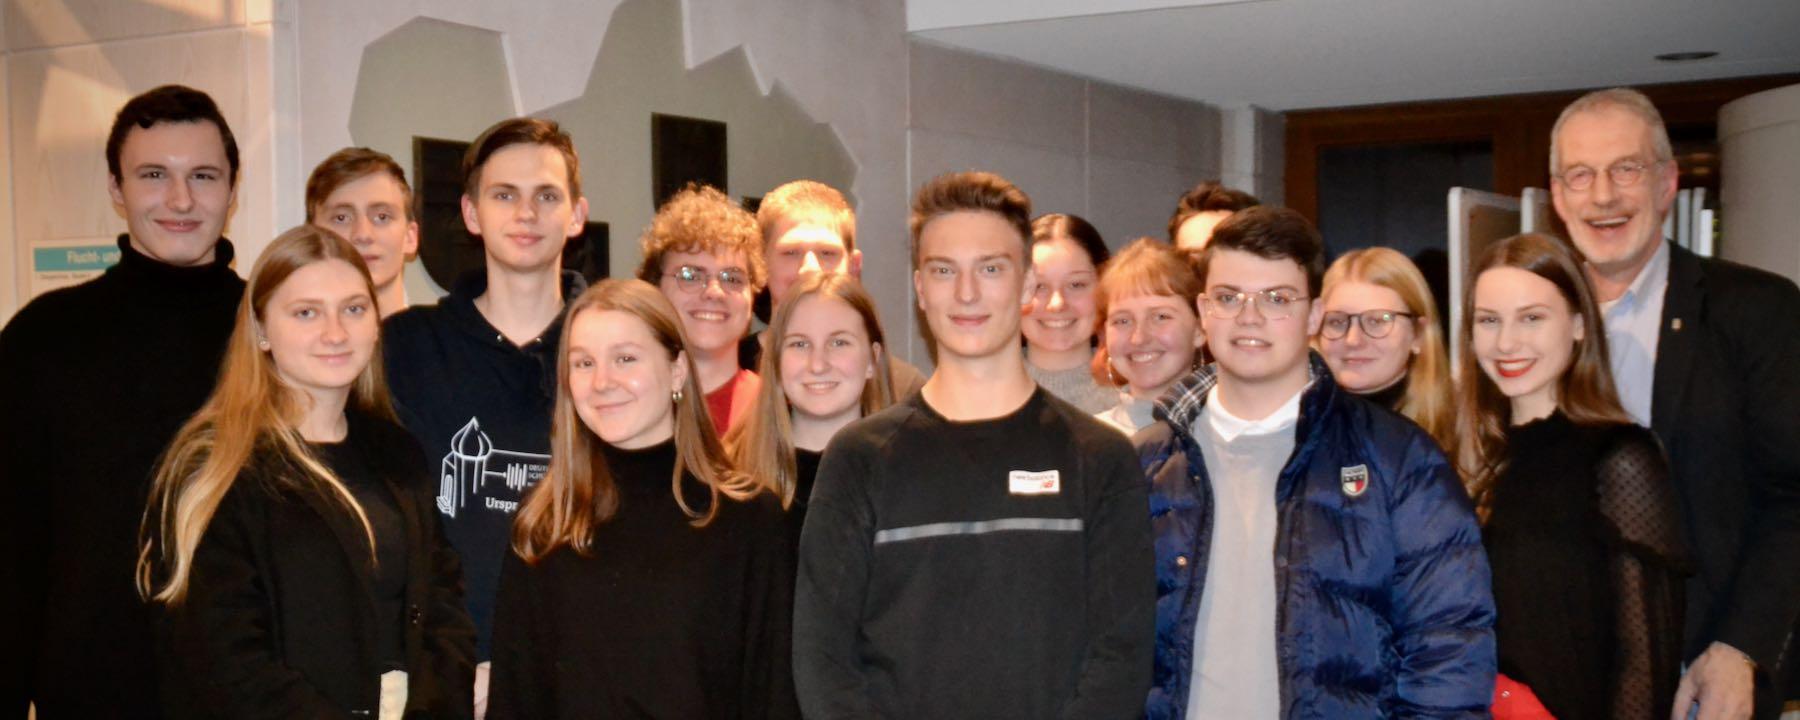 Besuch beim Kreistag des Landkreises Oldenburg